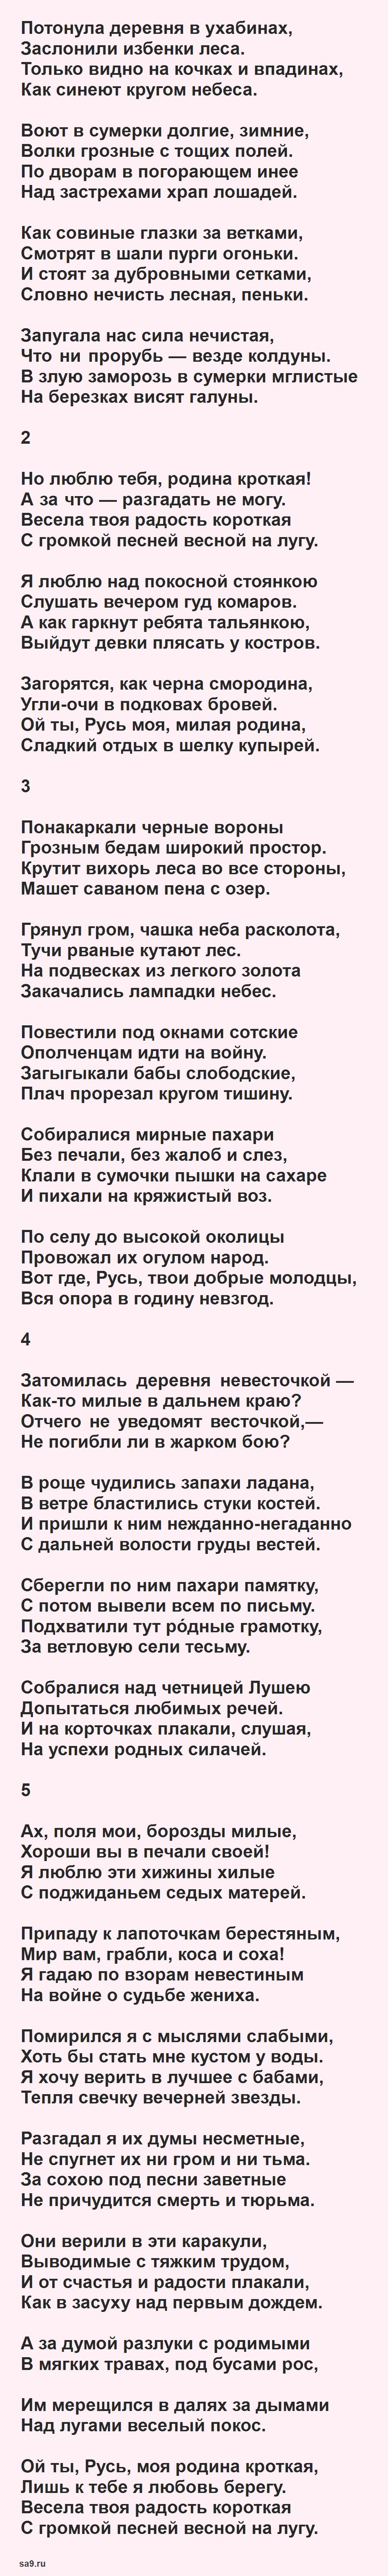 Есенин стихи о Родине - Русь